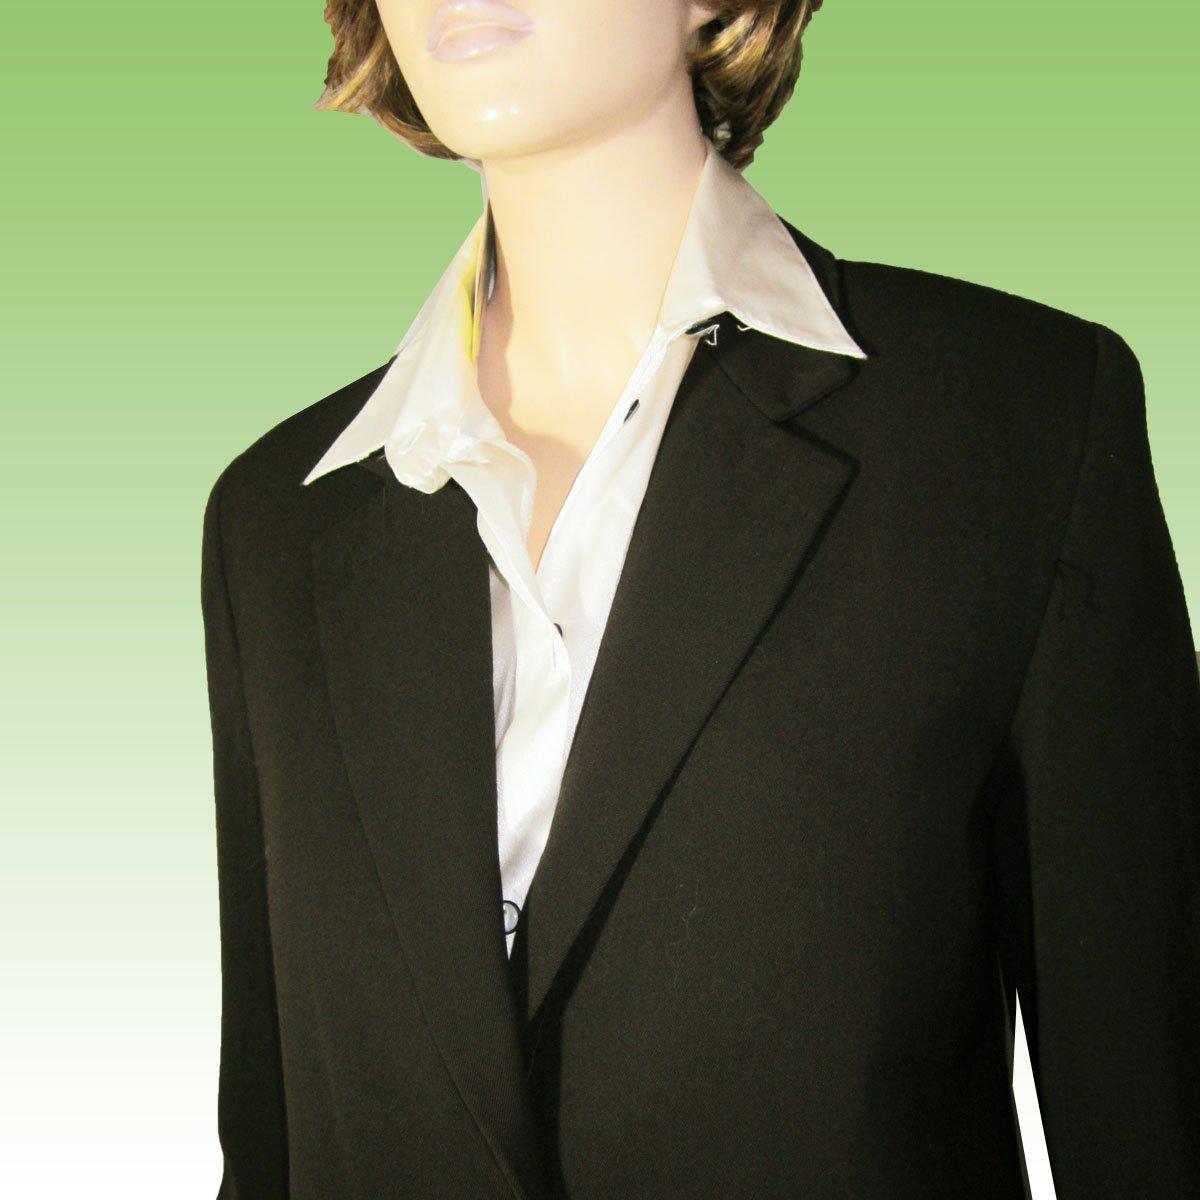 Executive BLAZER-JACKET 100% Wool Chocolate Brown by Elliott Lauren - size 6 $29.99 - Retail $178